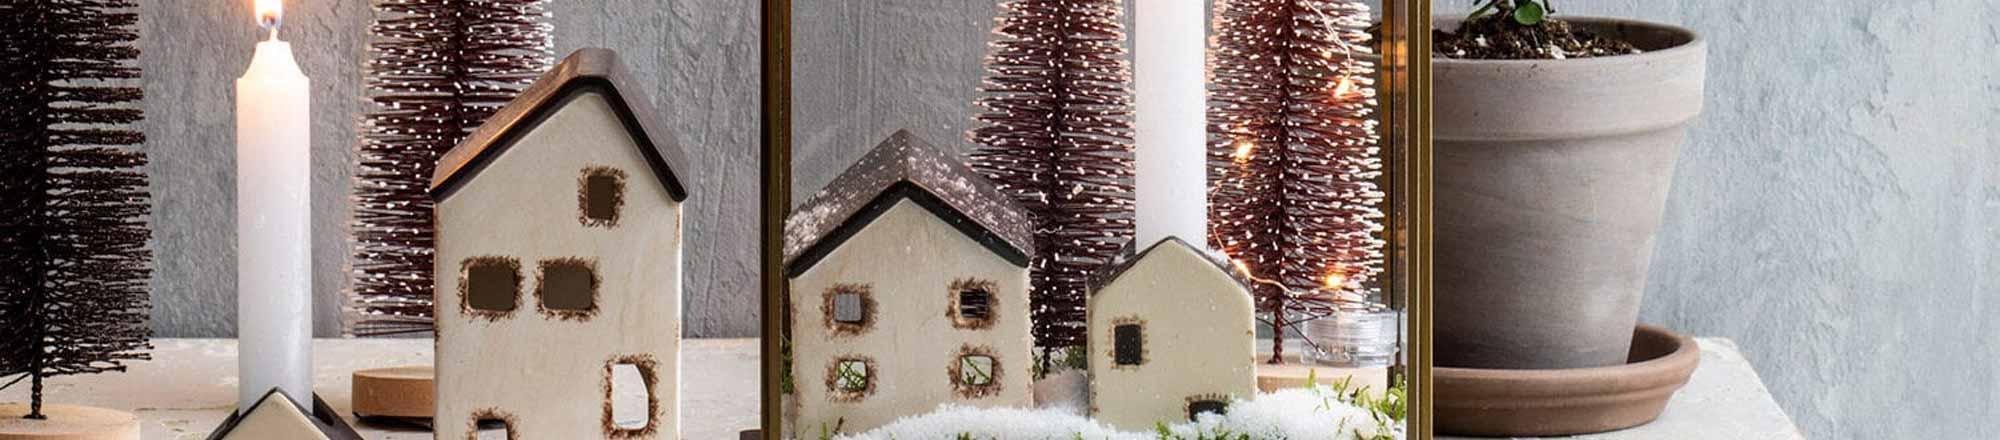 DIY: Maak eenvoudig je eigen mini kerstdorp